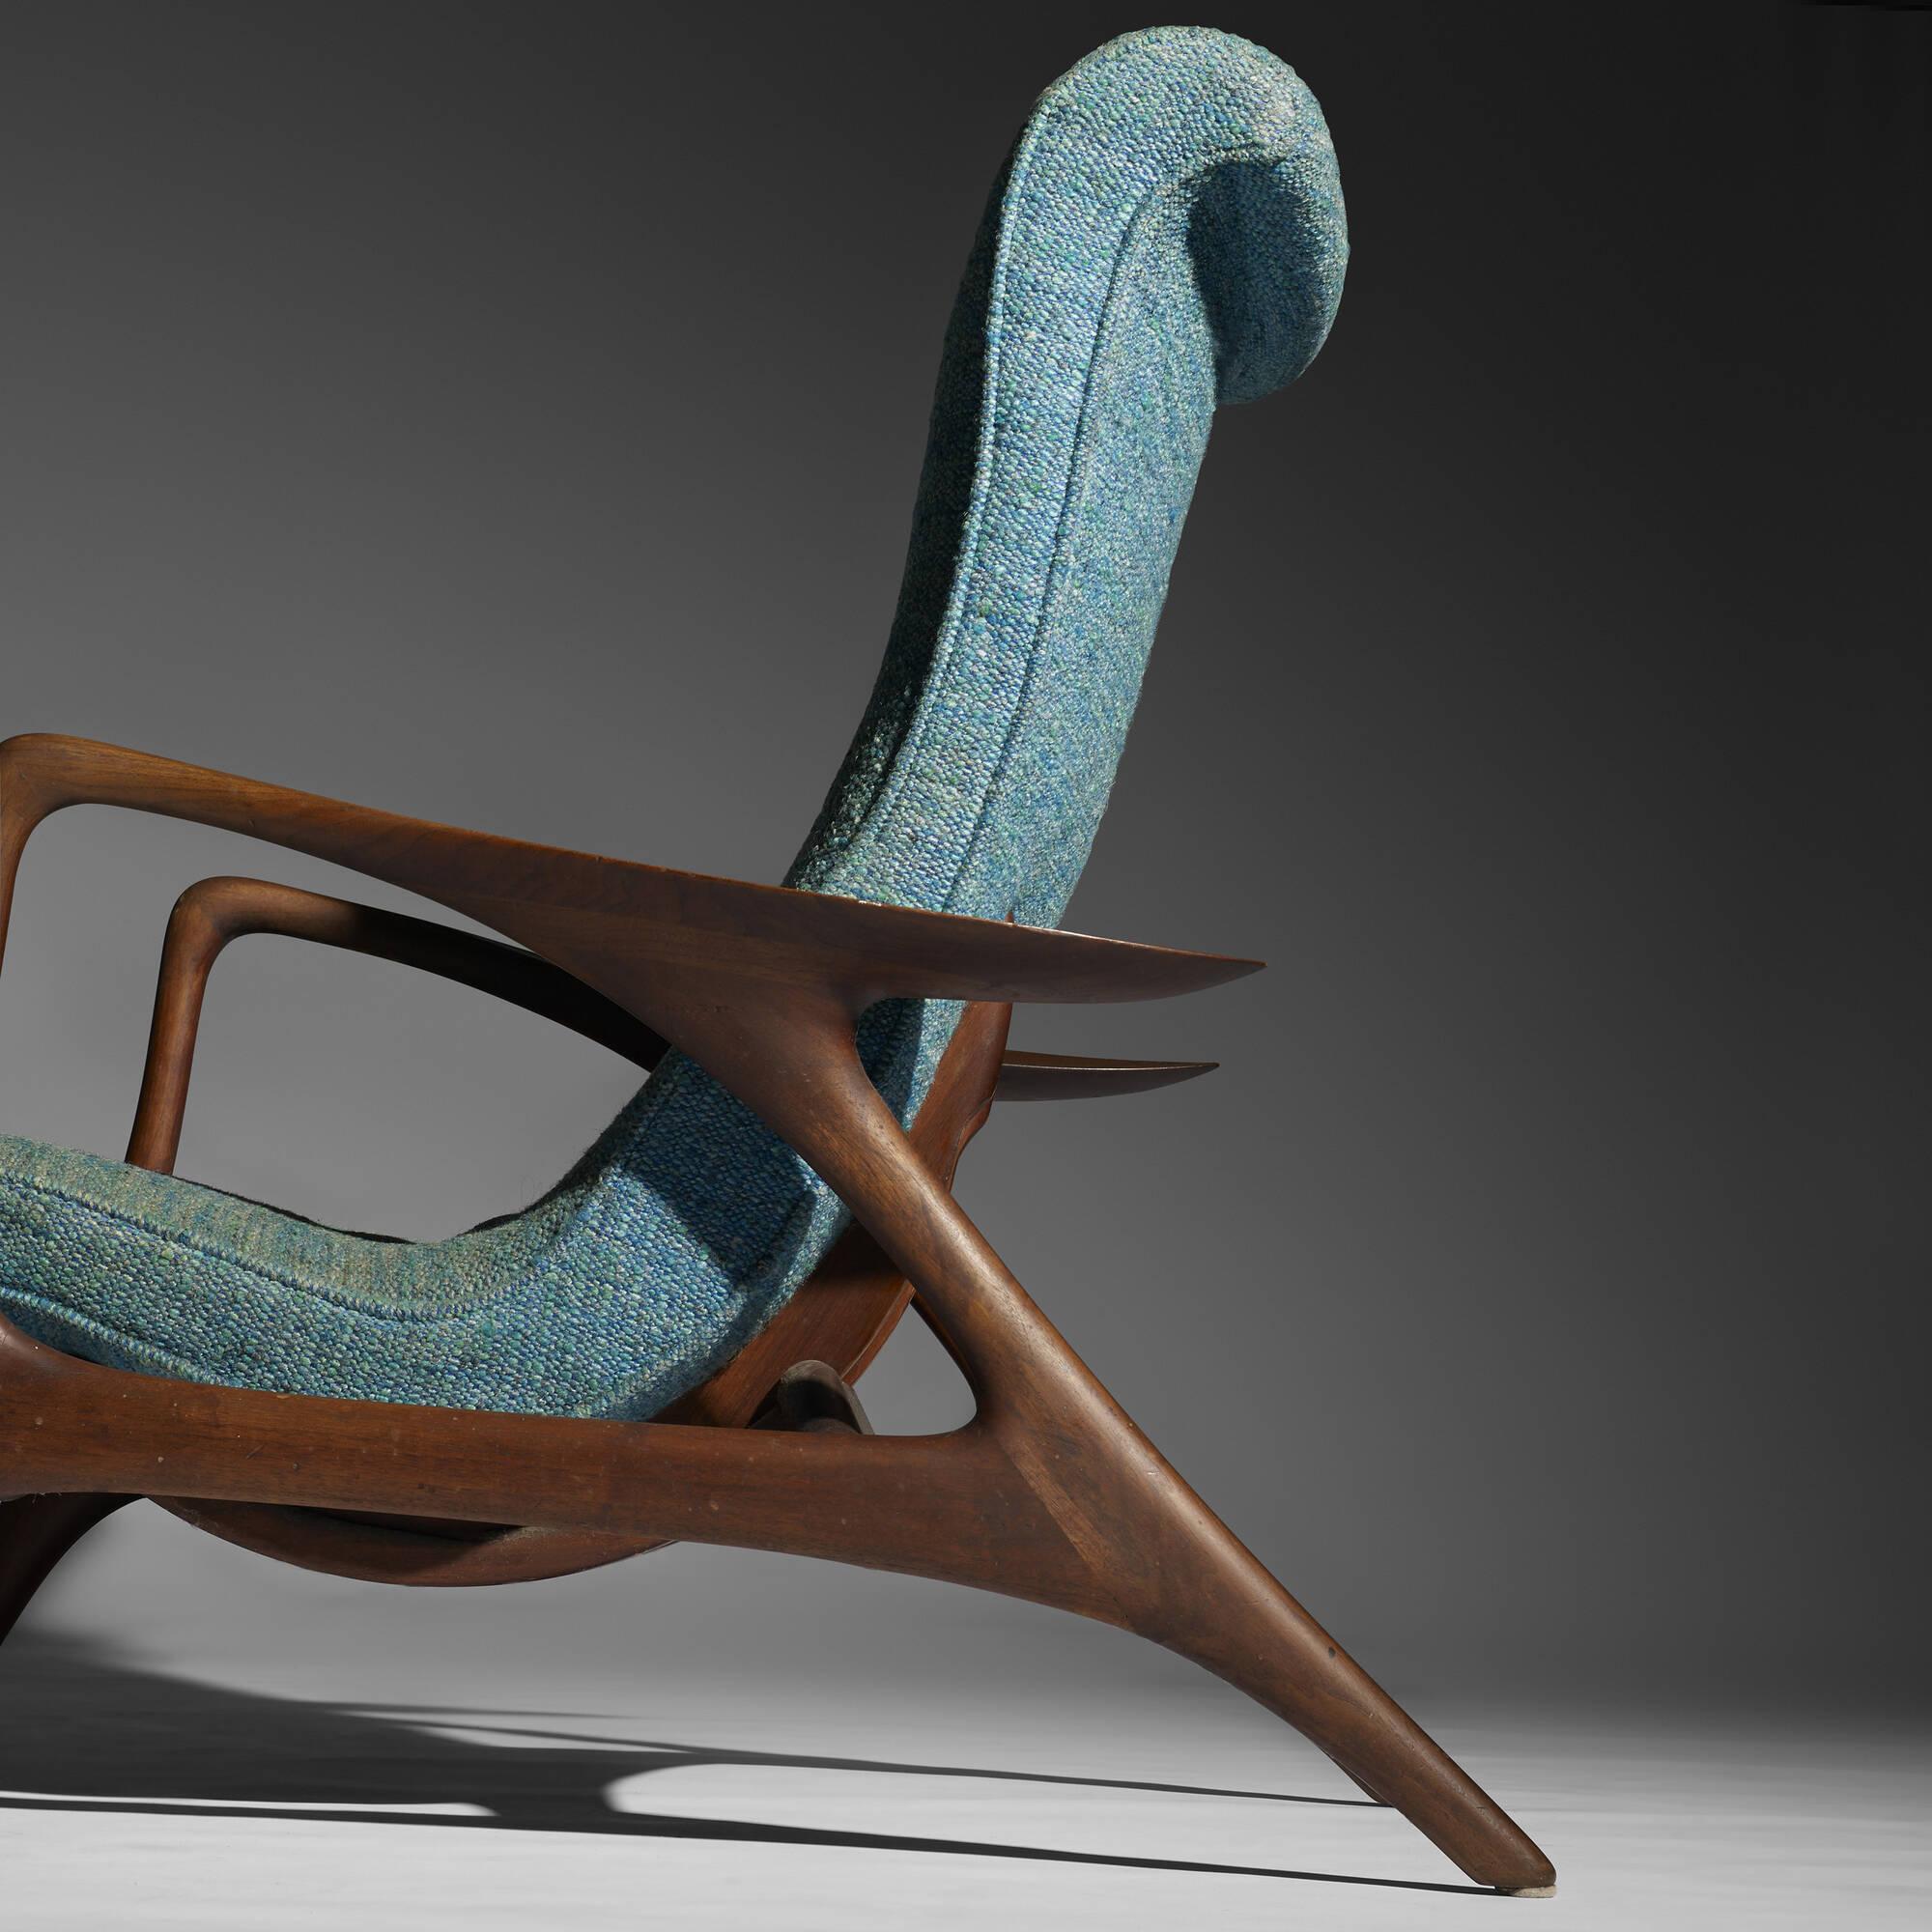 290: vladimir kagan / contour lounge chair and ottoman < design